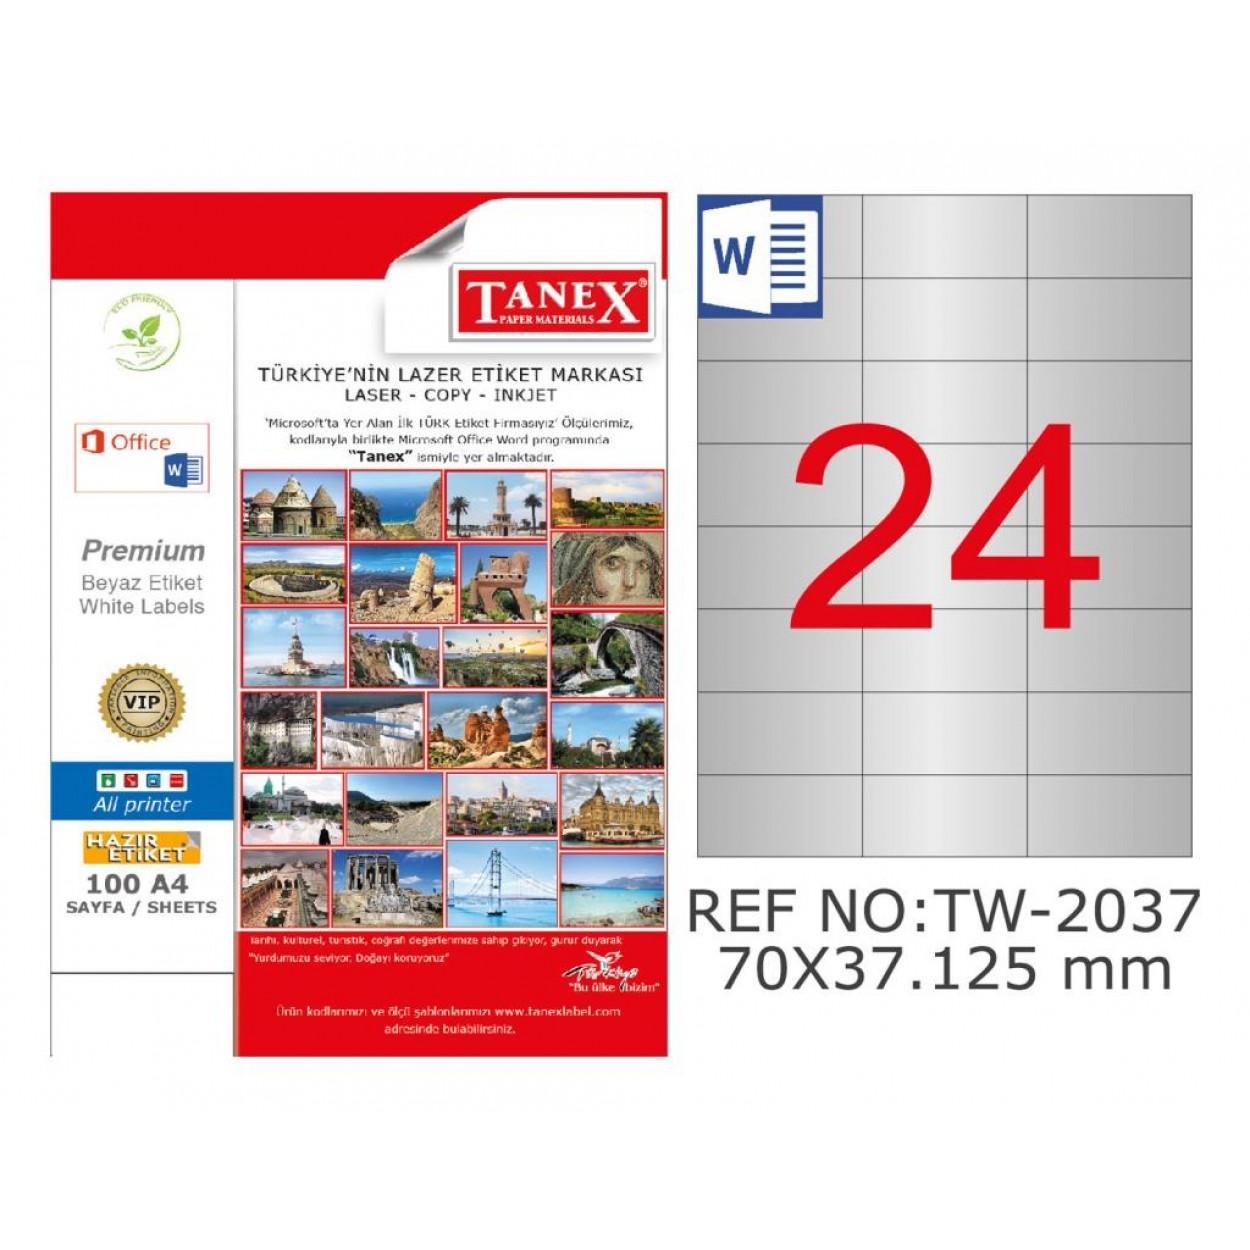 Tanex TW-2037 70x37.125 mm Gümüş Lazer Etiket 600 Lü